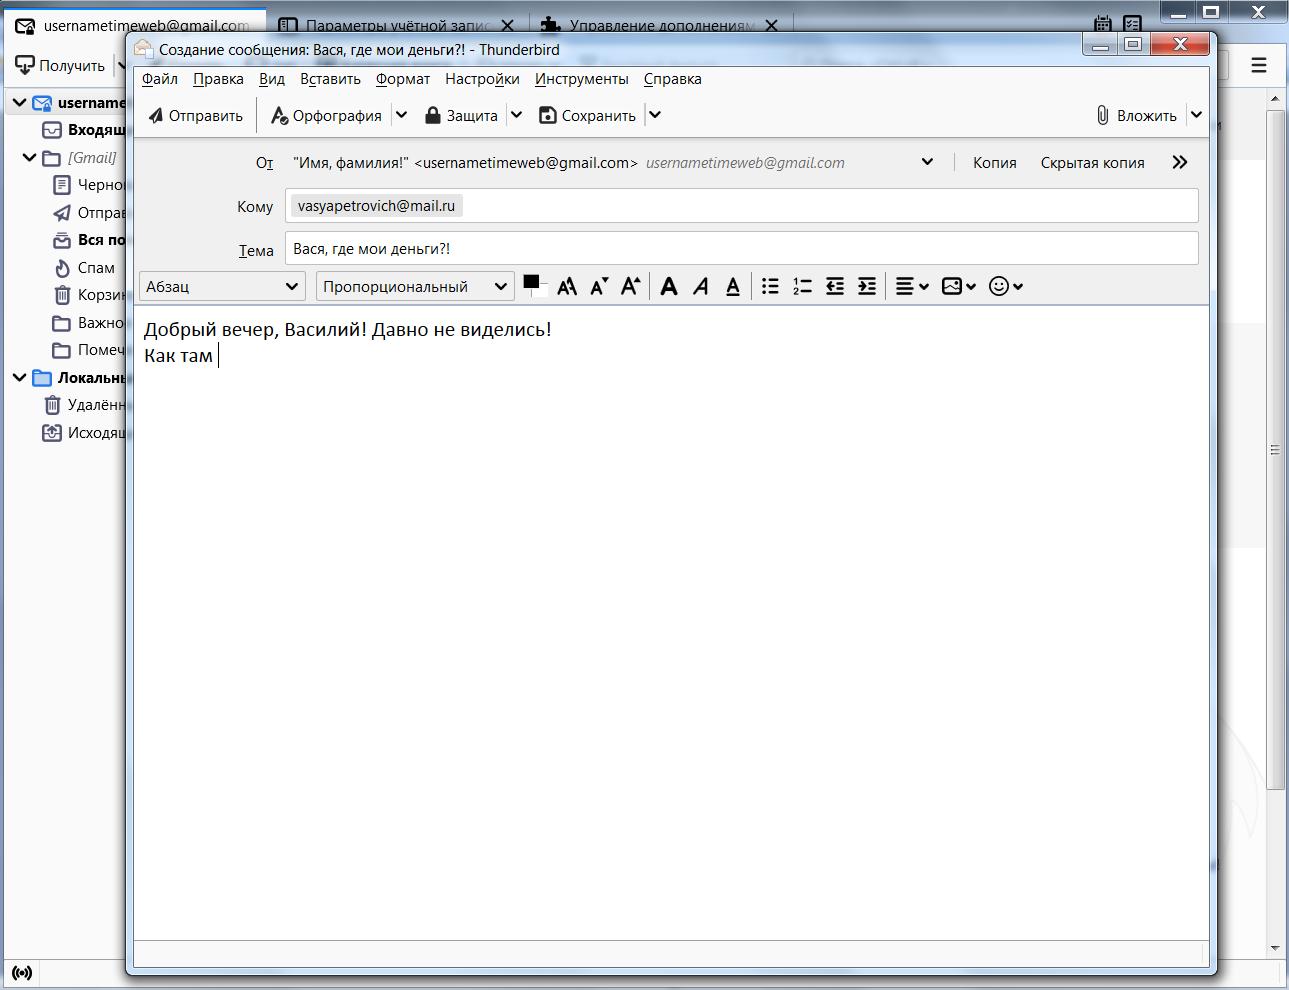 Сообщения в Mozilla Thunderbird